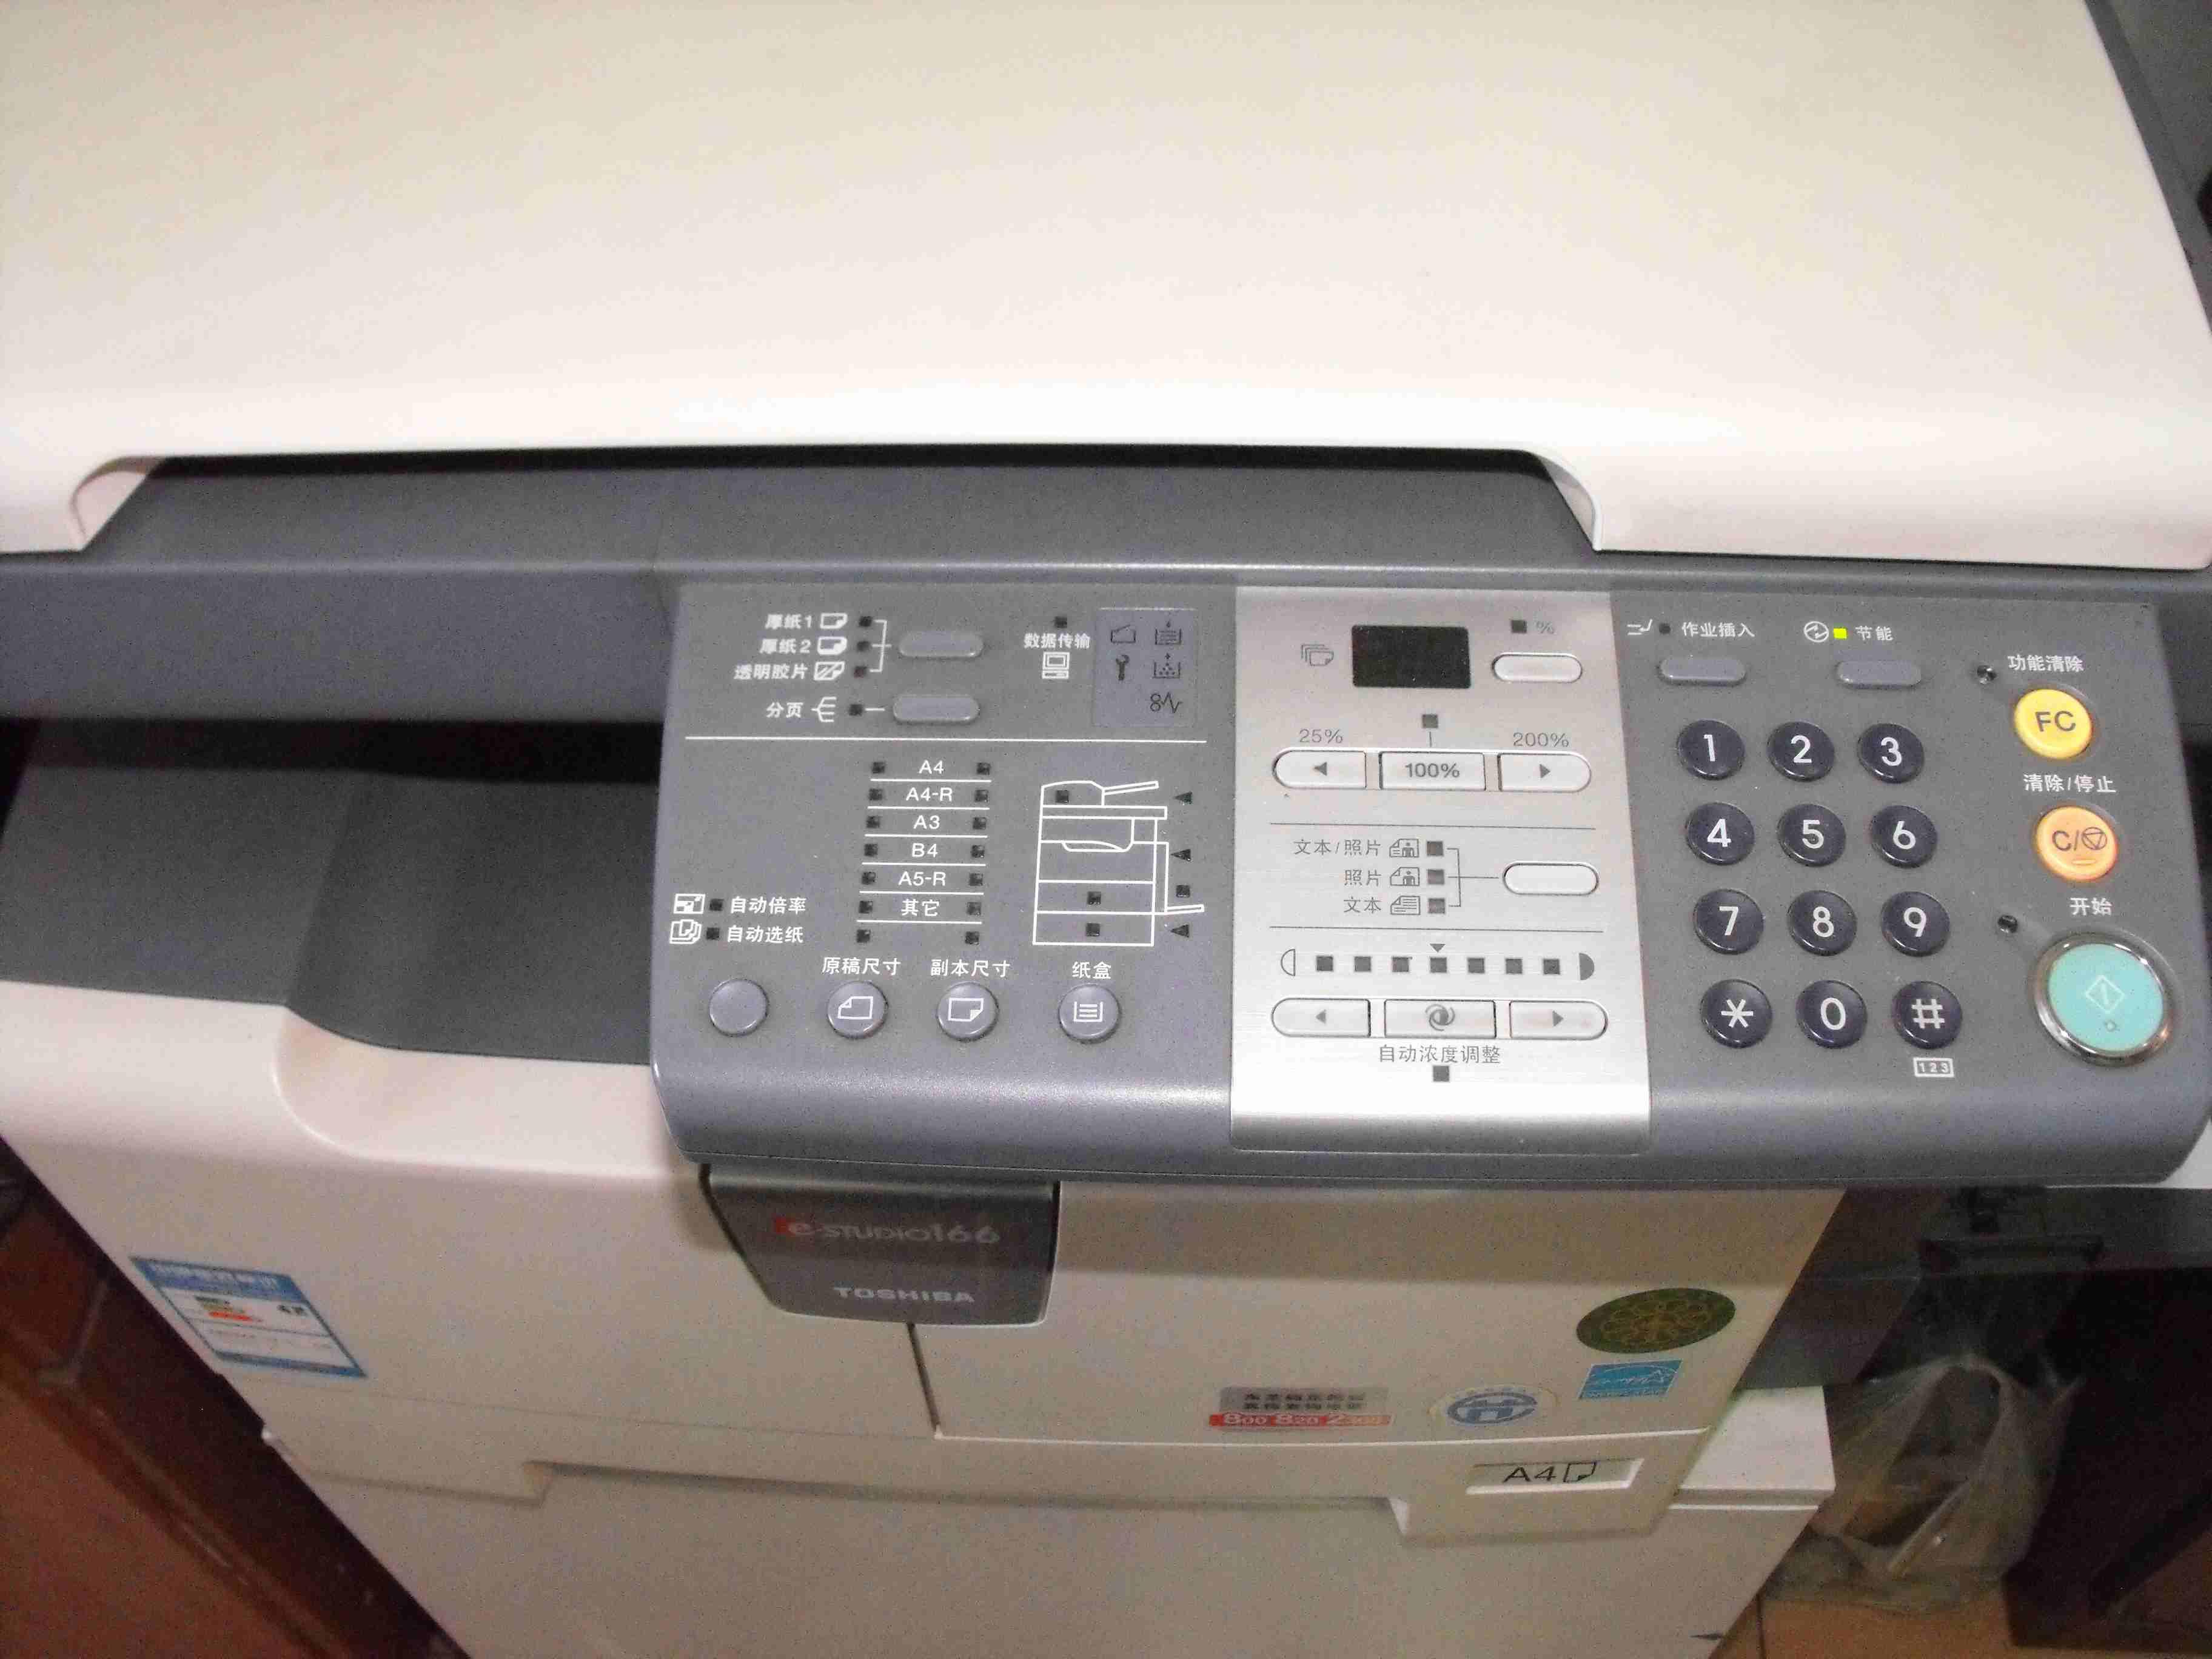 如何把传真机连接电脑变成打印机